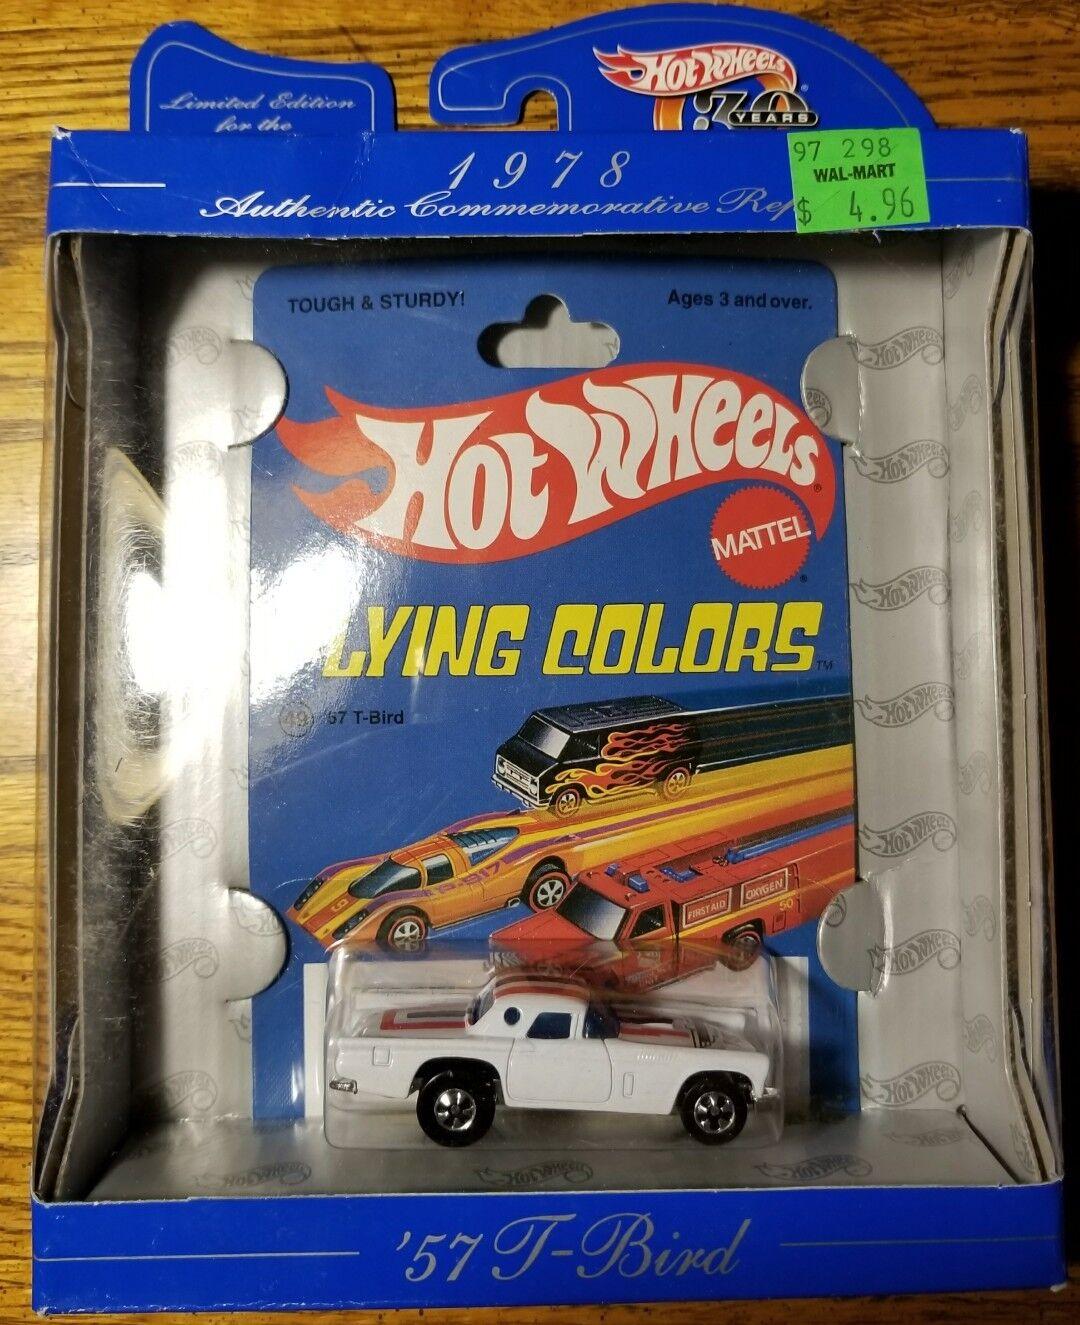 comprar nuevo barato Hot Hot Hot Wheels Flying Colors 57 T PÁJARO Mattel Nuevo blancoo, (11I)  70% de descuento